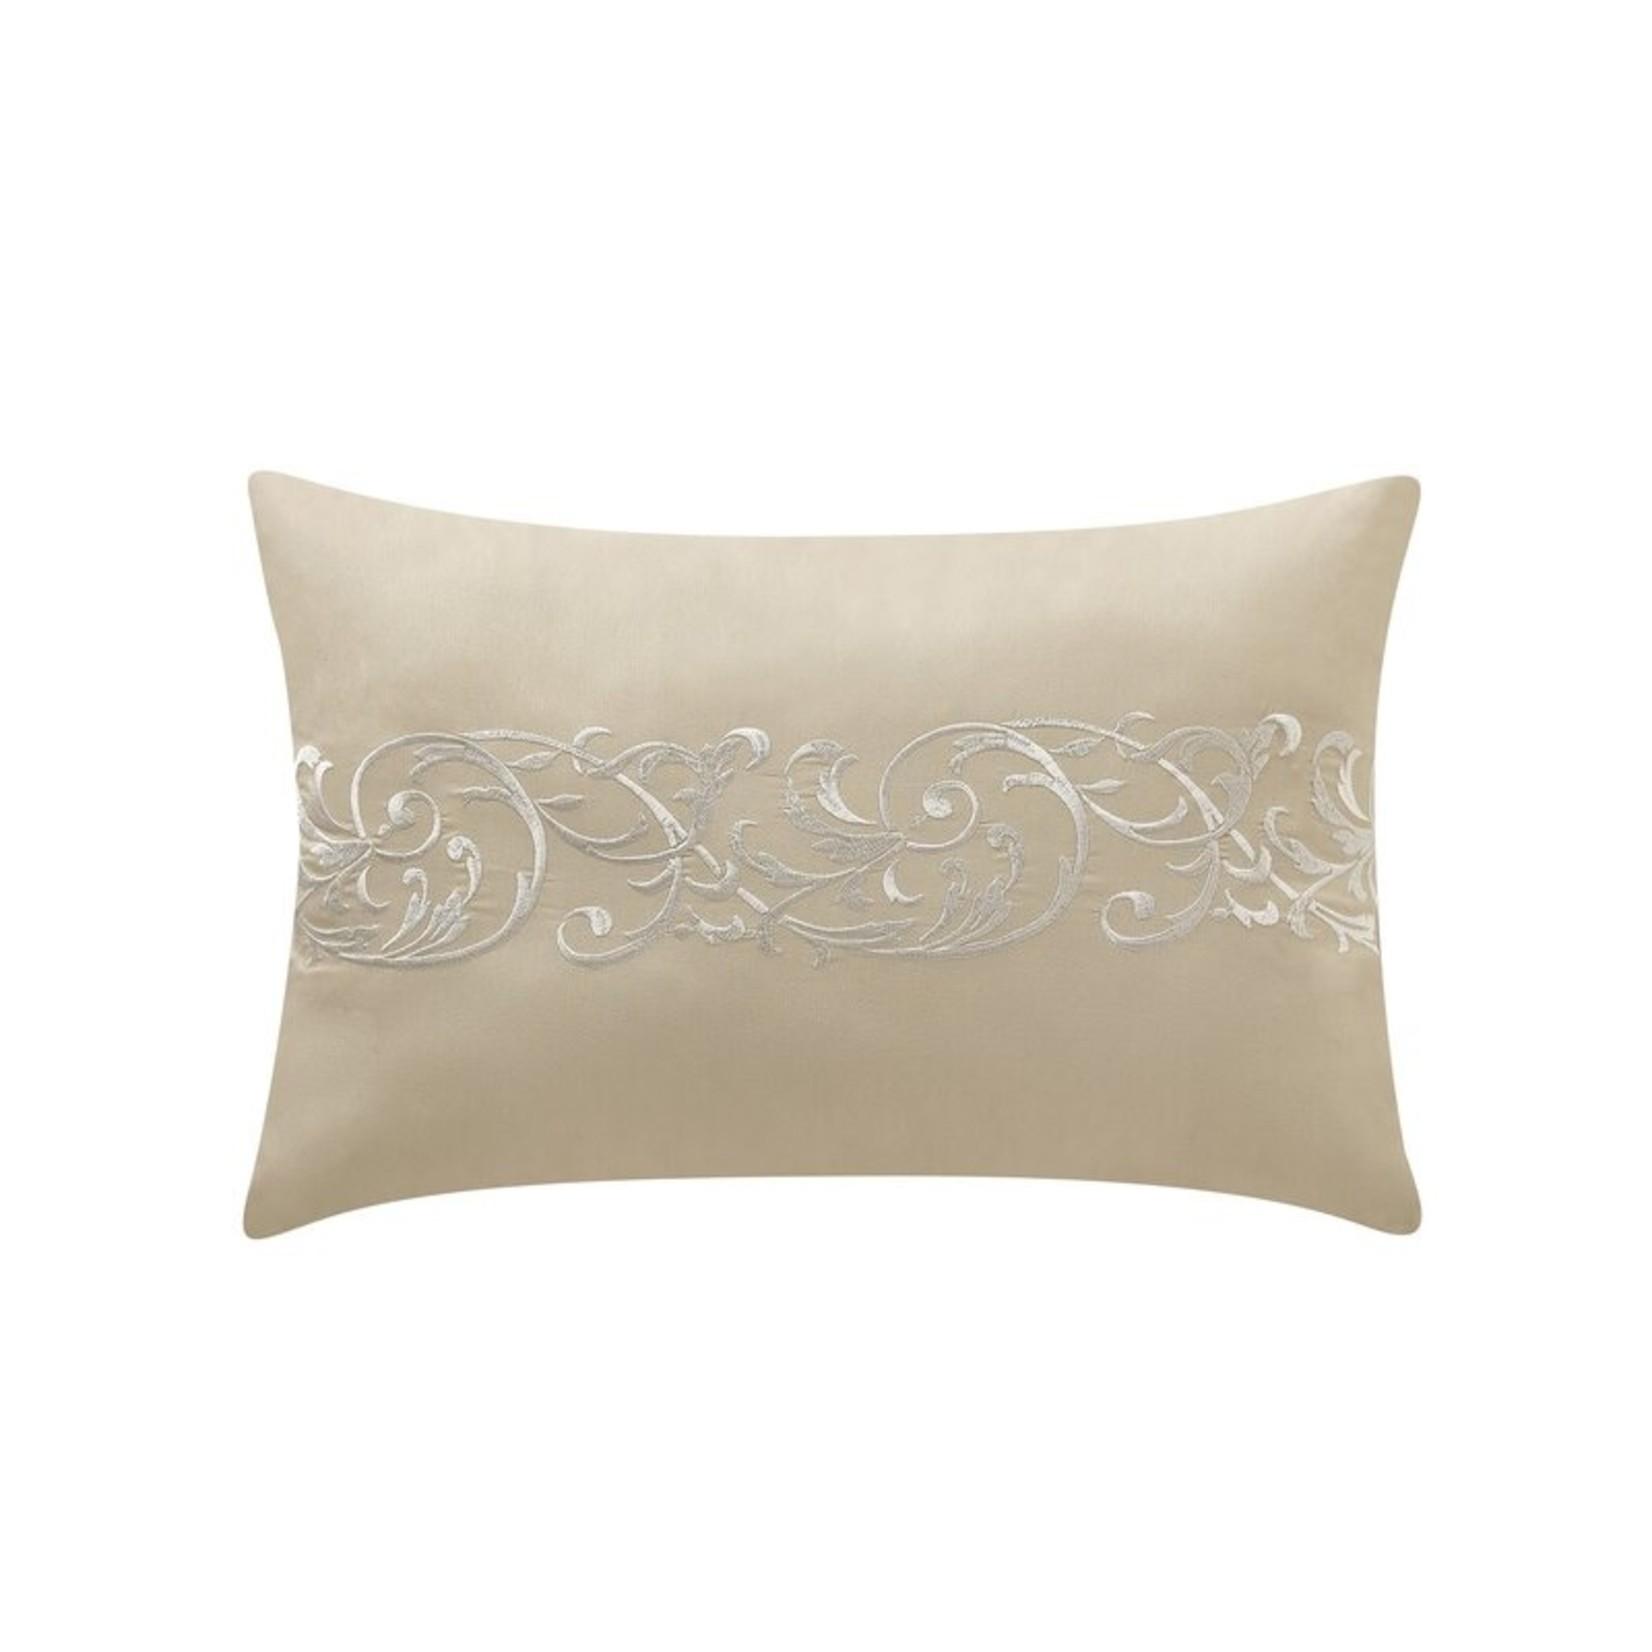 *Queen - Bridget Comforter Set - Gold - Final Sale